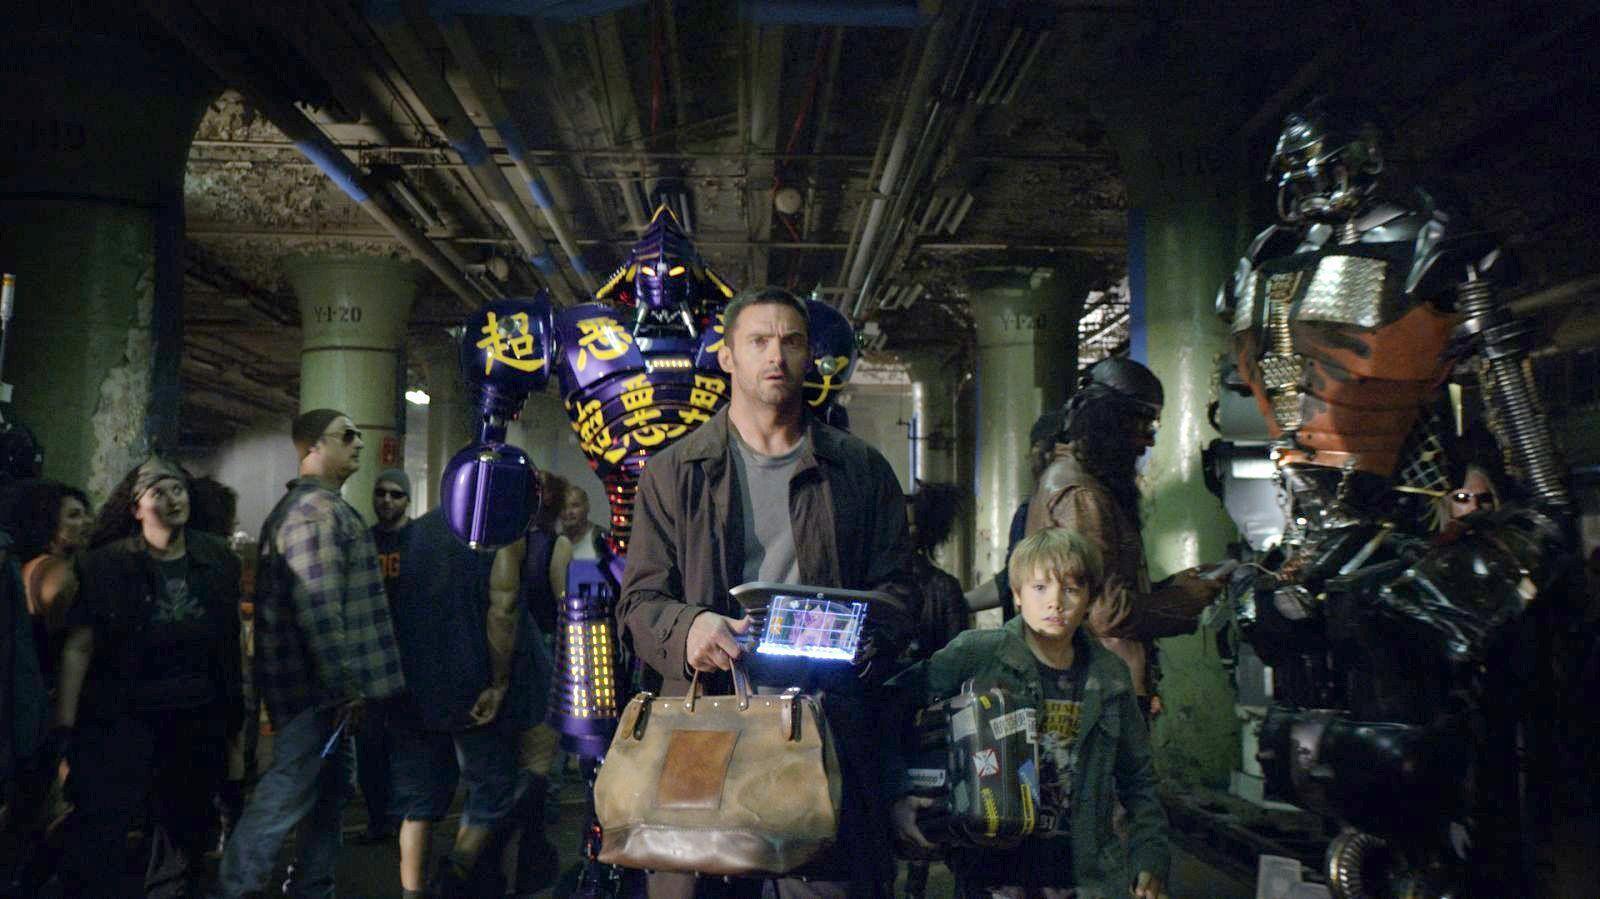 Смотреть Фильм Скайлайн 2 Онлайн В Хорошем Качестве Бесплатно В Hd 720